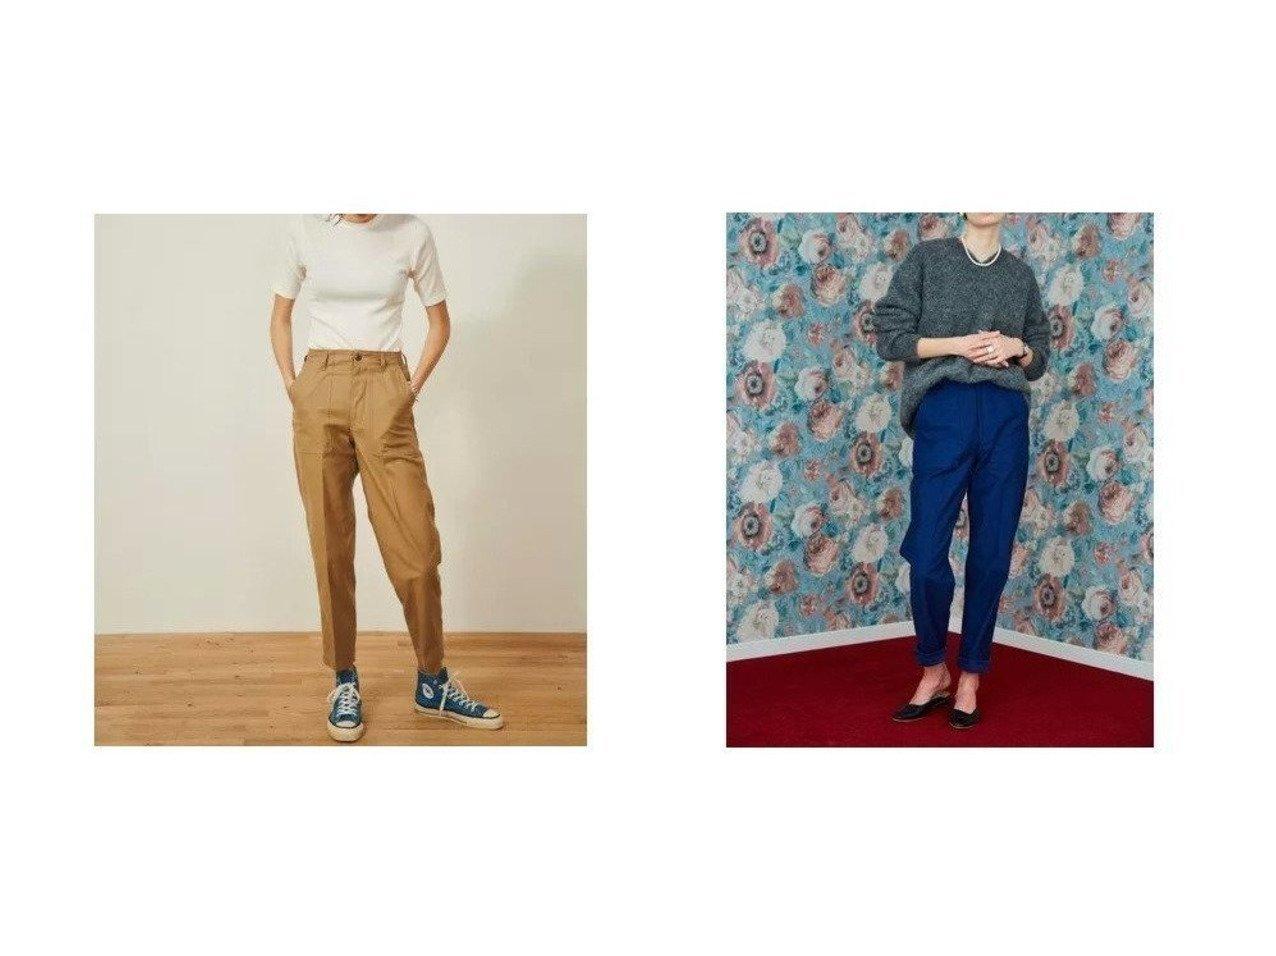 【Shinzone/シンゾーン】のベイカーパンツ パンツのおすすめ!人気、レディースファッションの通販 おすすめで人気のファッション通販商品 インテリア・家具・キッズファッション・メンズファッション・レディースファッション・服の通販 founy(ファニー) https://founy.com/ ファッション Fashion レディース WOMEN パンツ Pants センター  ID:crp329100000001442